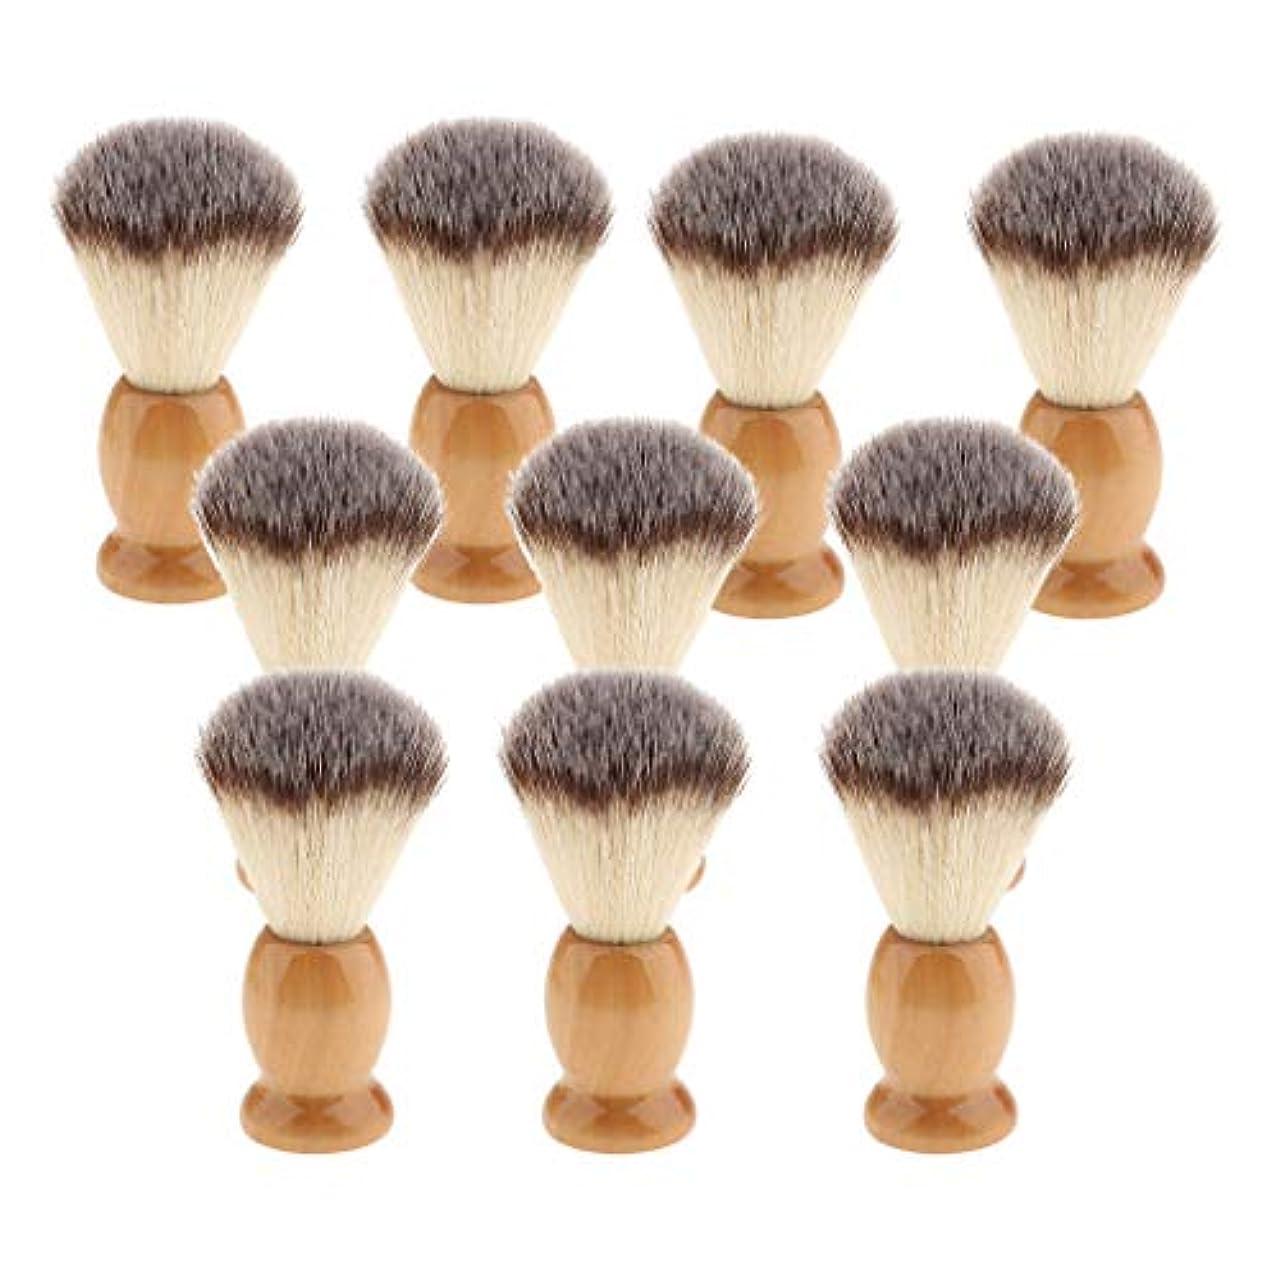 長老前兆採用する10個 シェービングブラシ 男性 ひげ 口ひげ グルーミング シェービングツール 髭剃り